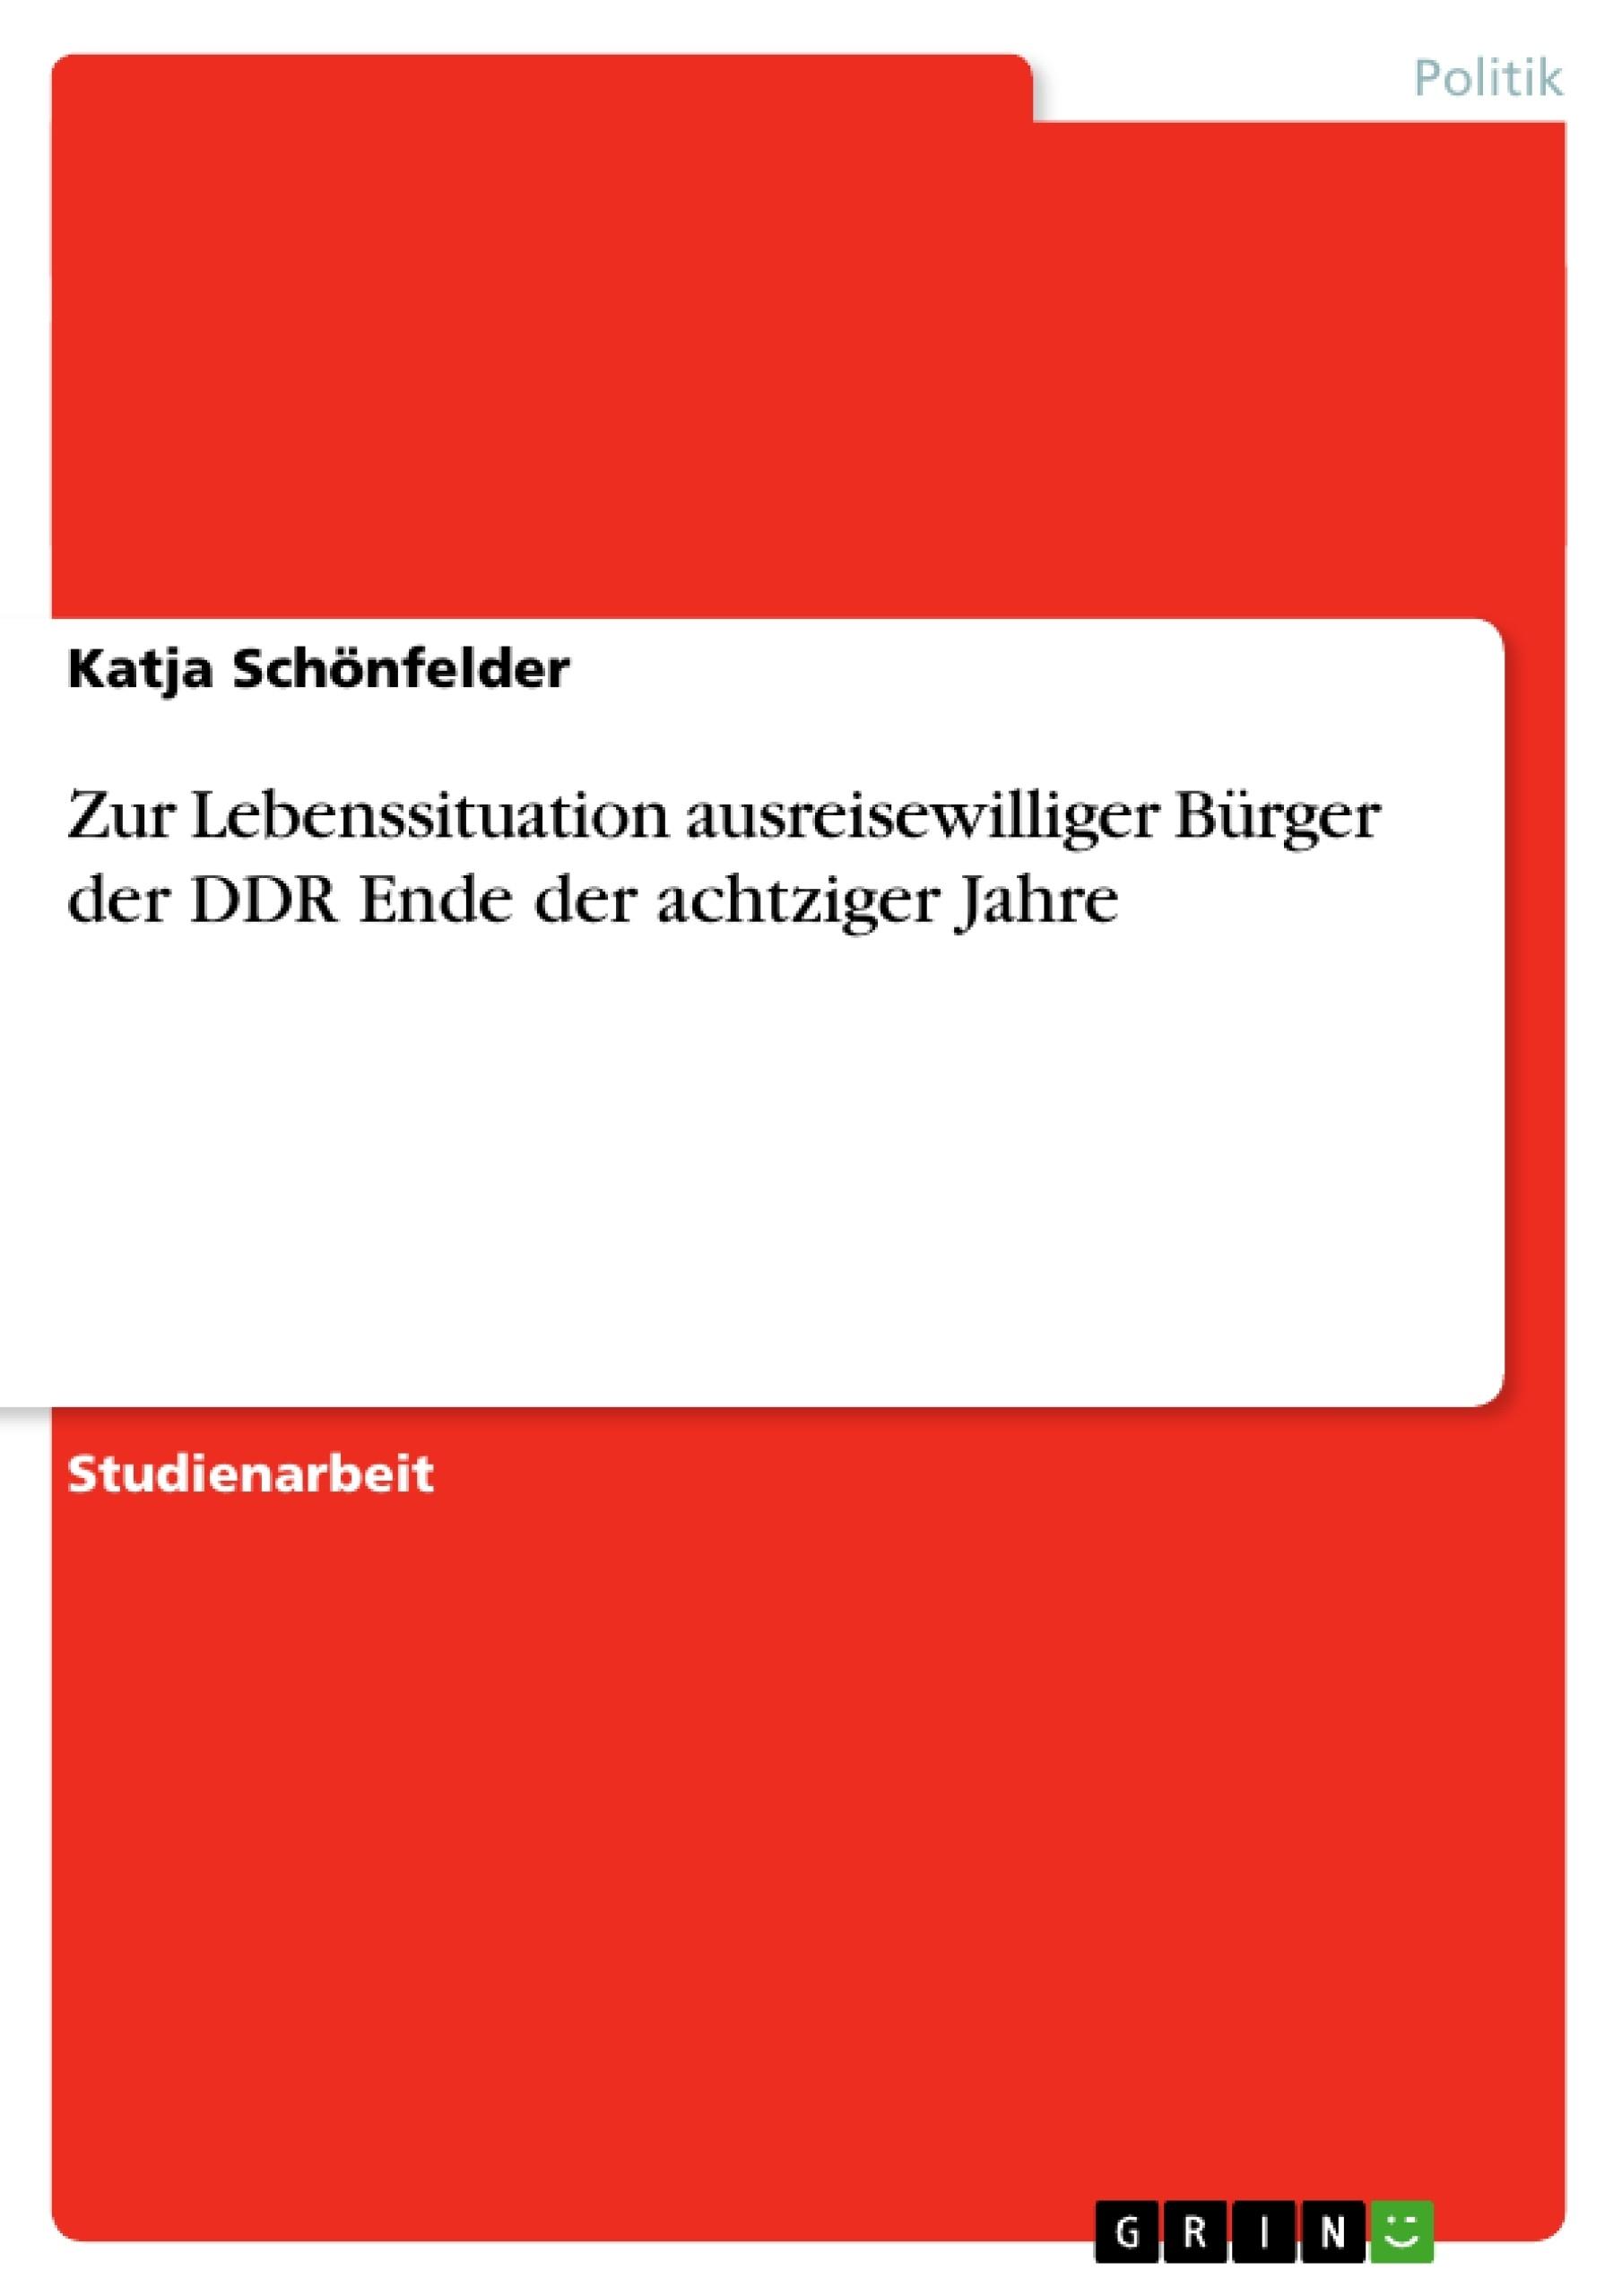 Titel: Zur Lebenssituation ausreisewilliger Bürger der DDR Ende der achtziger Jahre